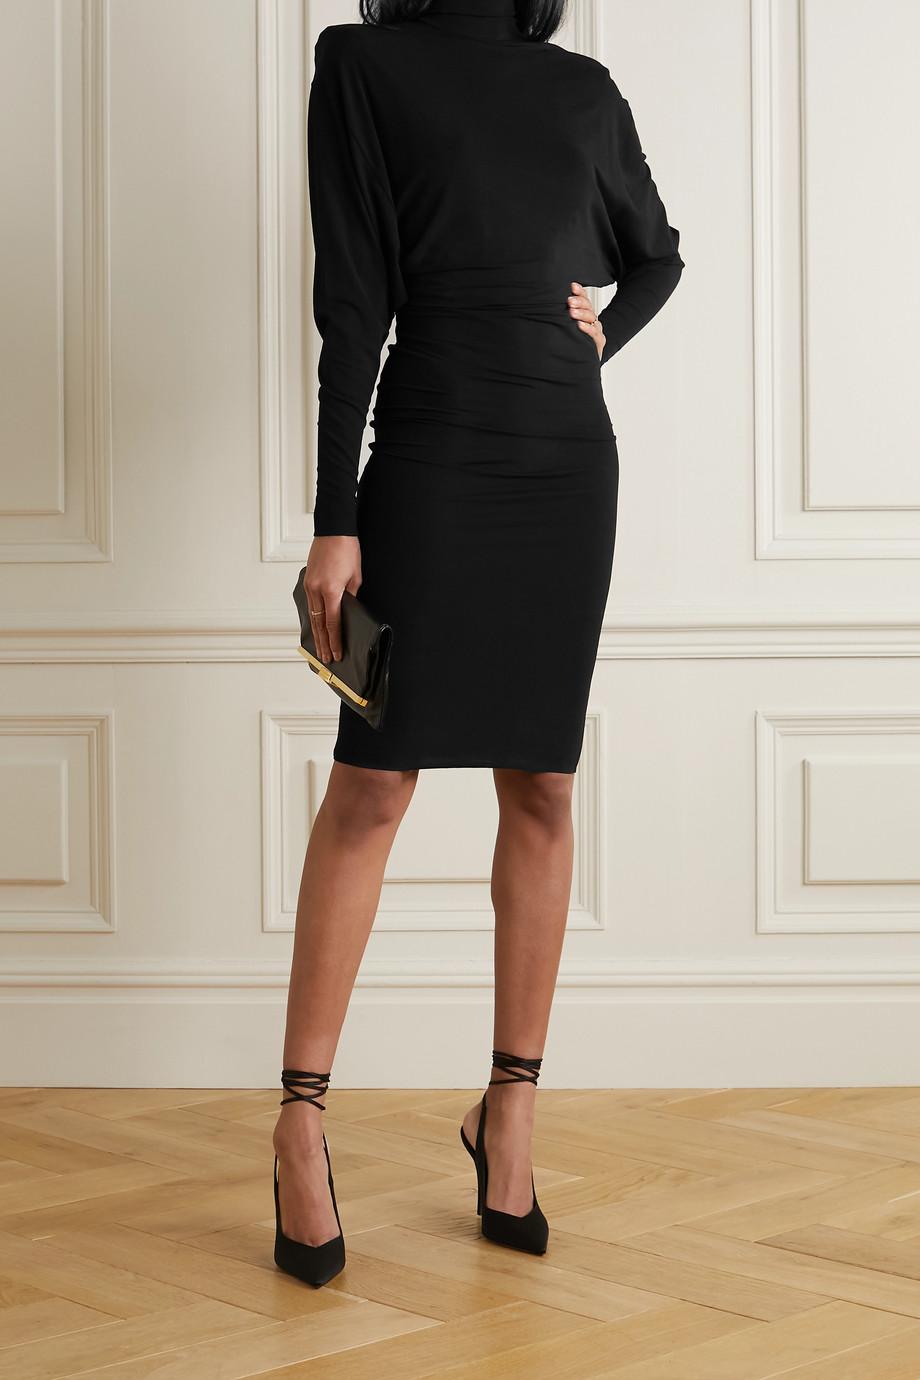 Alexandre Vauthier Stretch-crepe de chine turtleneck dress